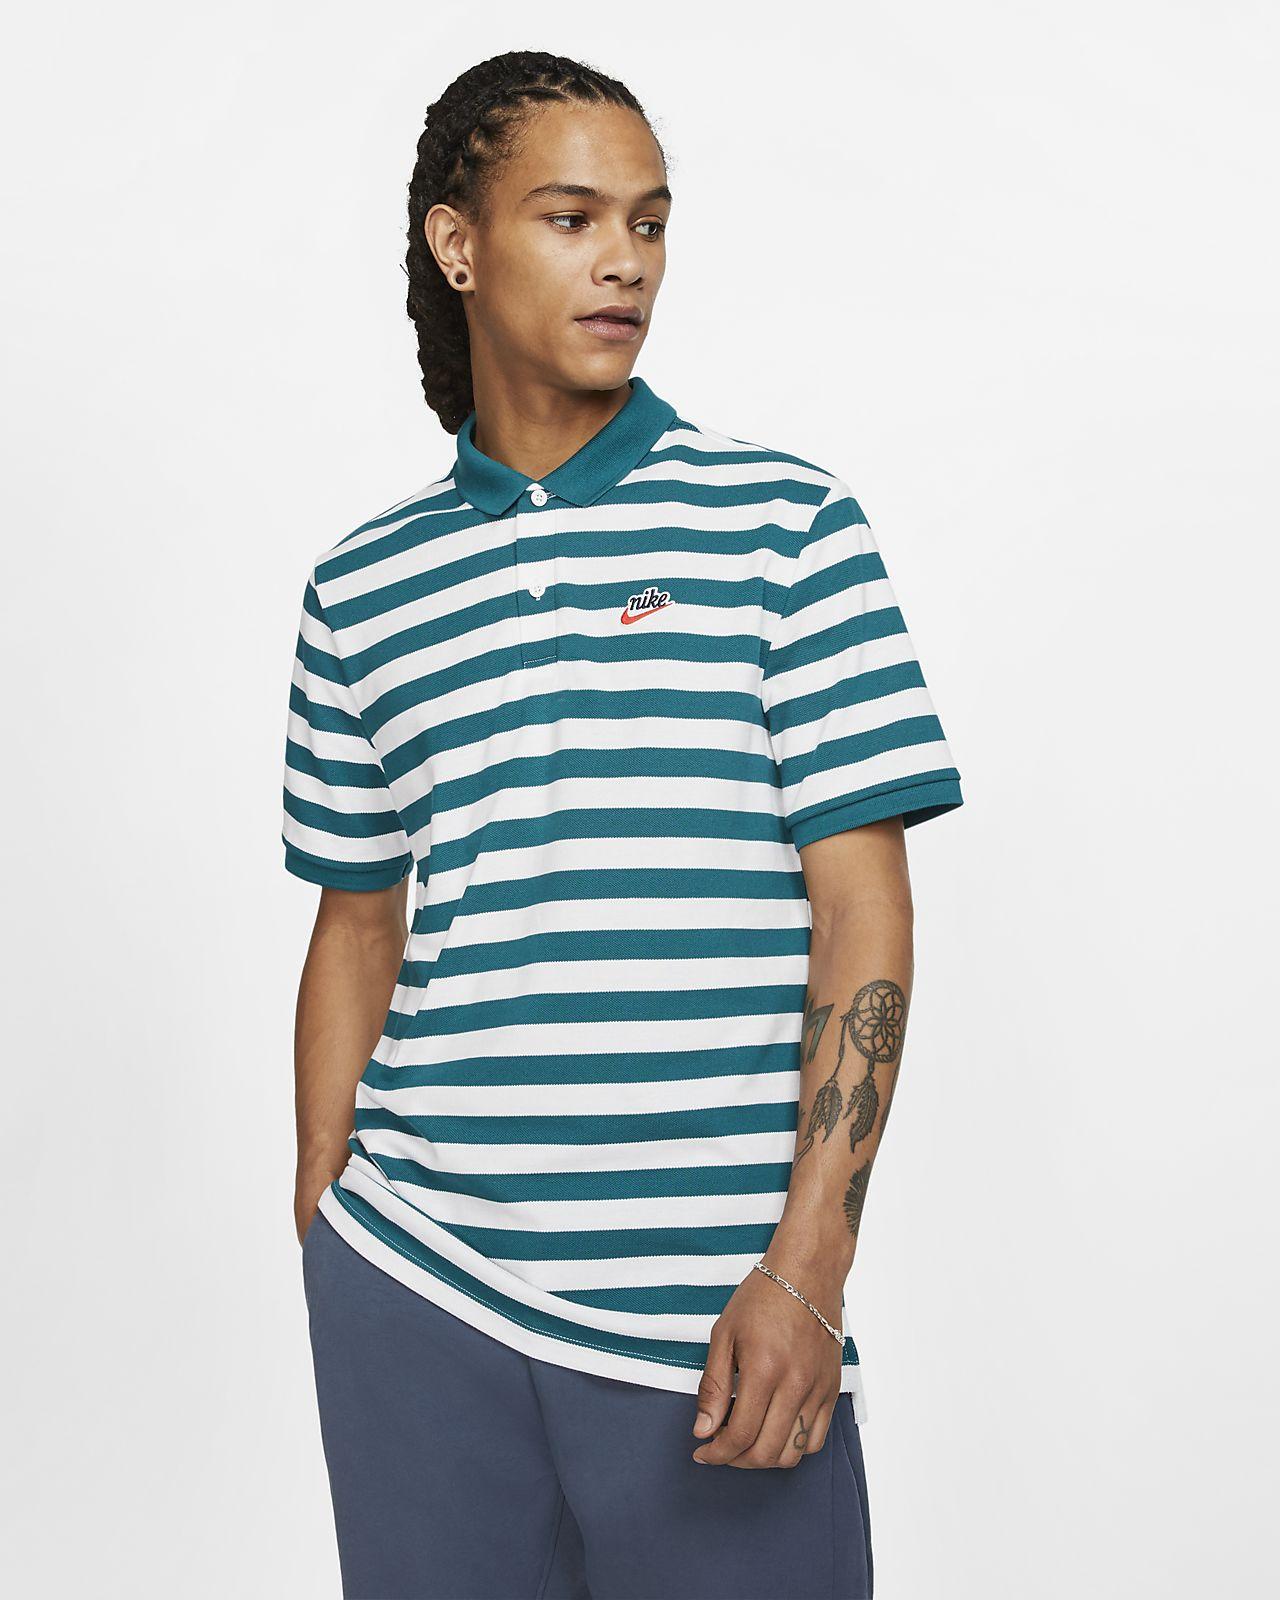 Pikétröja Nike Sportswear Piqué för män